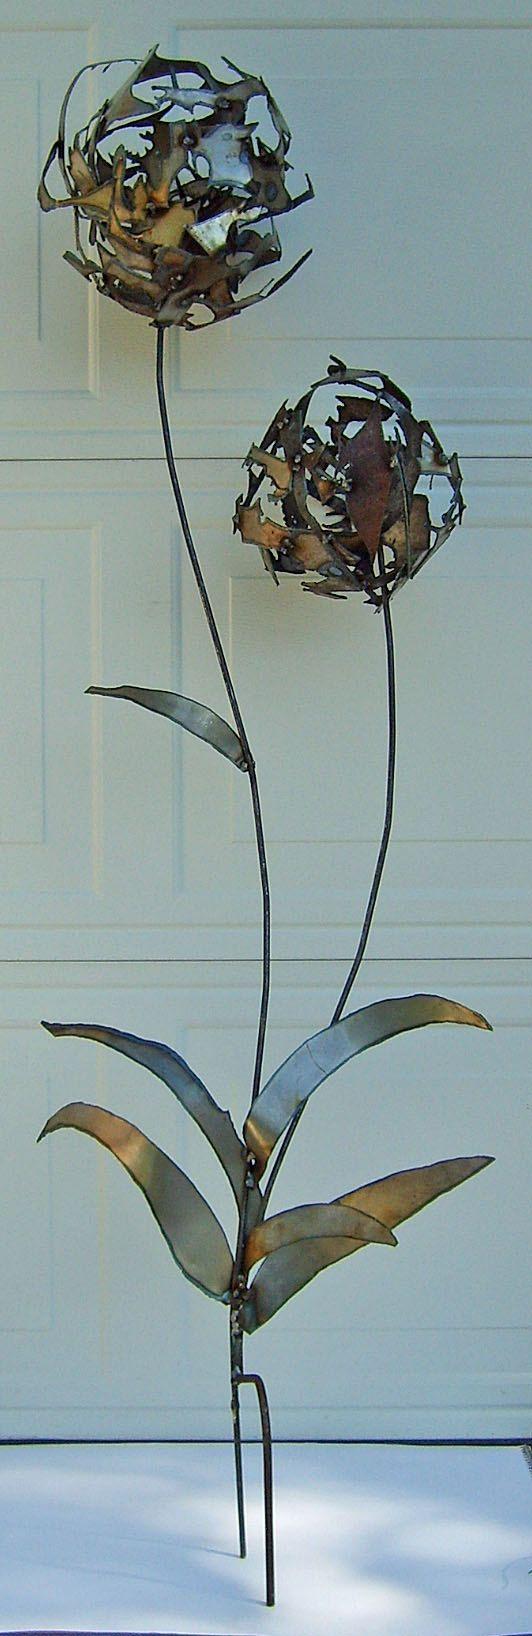 Metal Scrap Dandelions scrap steel lawn ornament by TheIronPhoenix